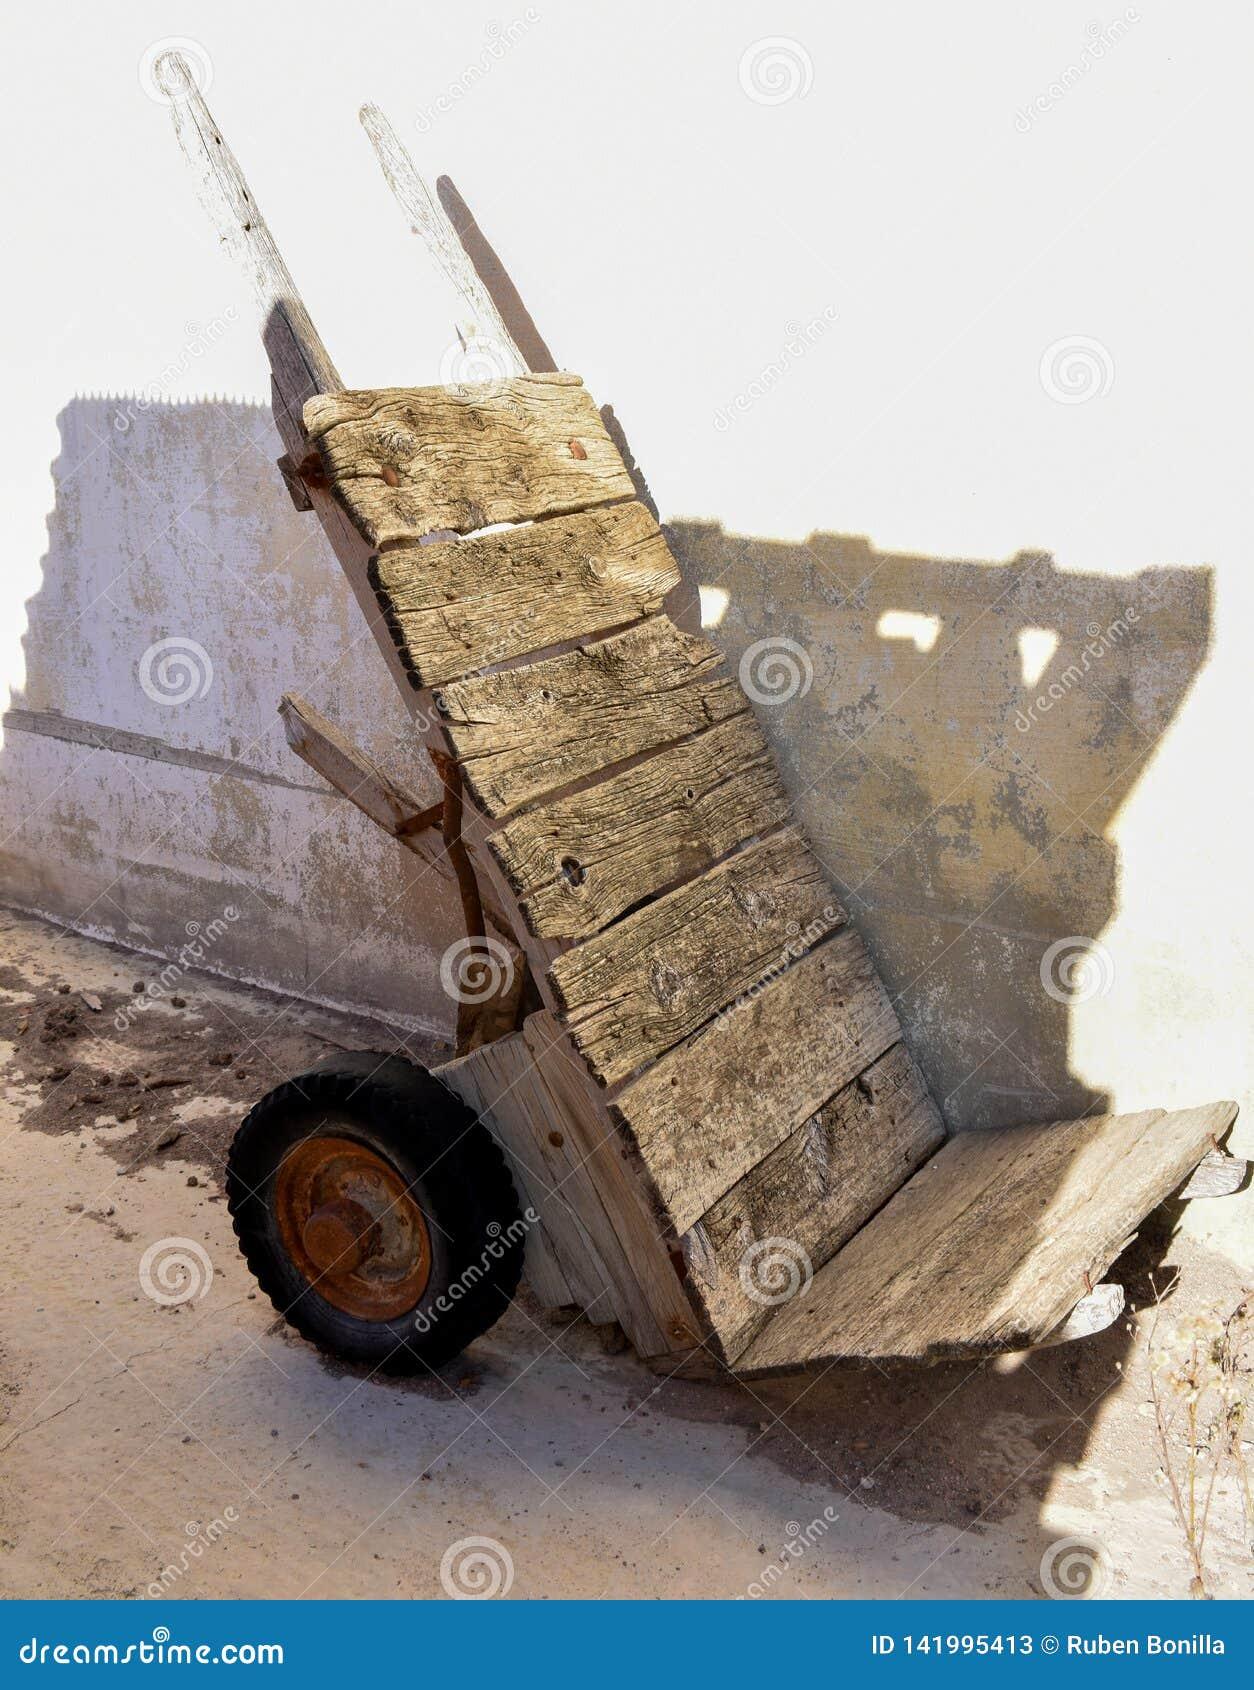 Spoilted houten zeer oud karretje en verliet bij een hoek van een tuin De wielen van het karretje zijn unusefull en roestig